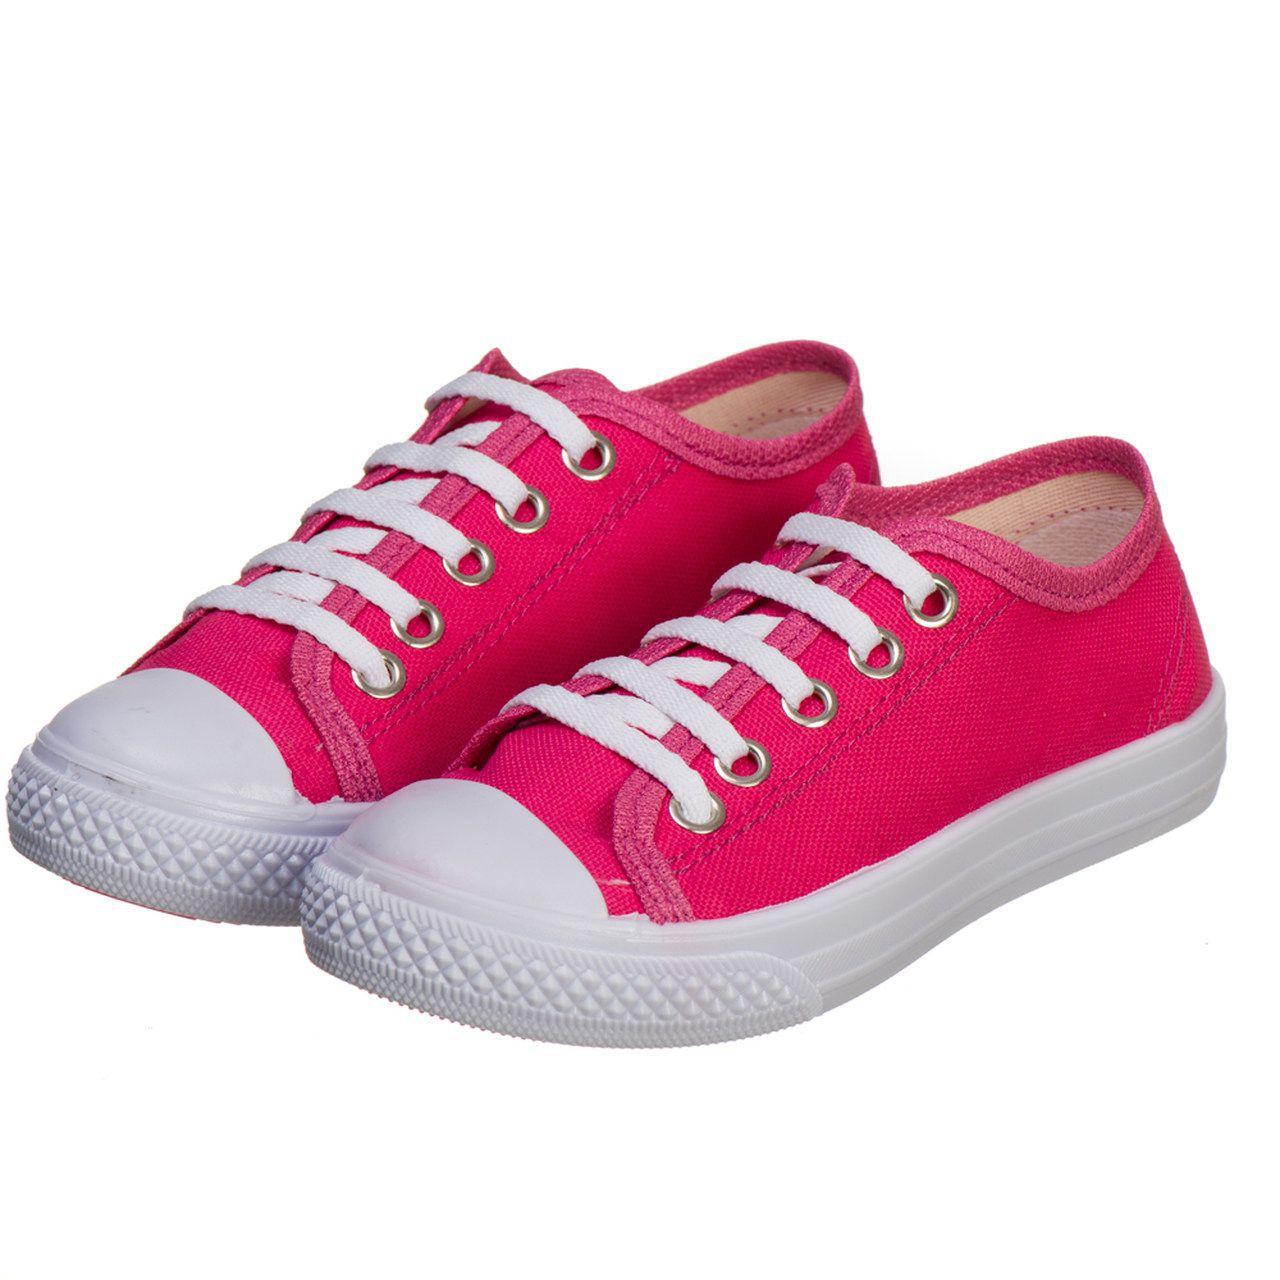 355e7bfb61 Tênis Infantil Masculino e Feminino Escolar Rosa - Kapell Calçados